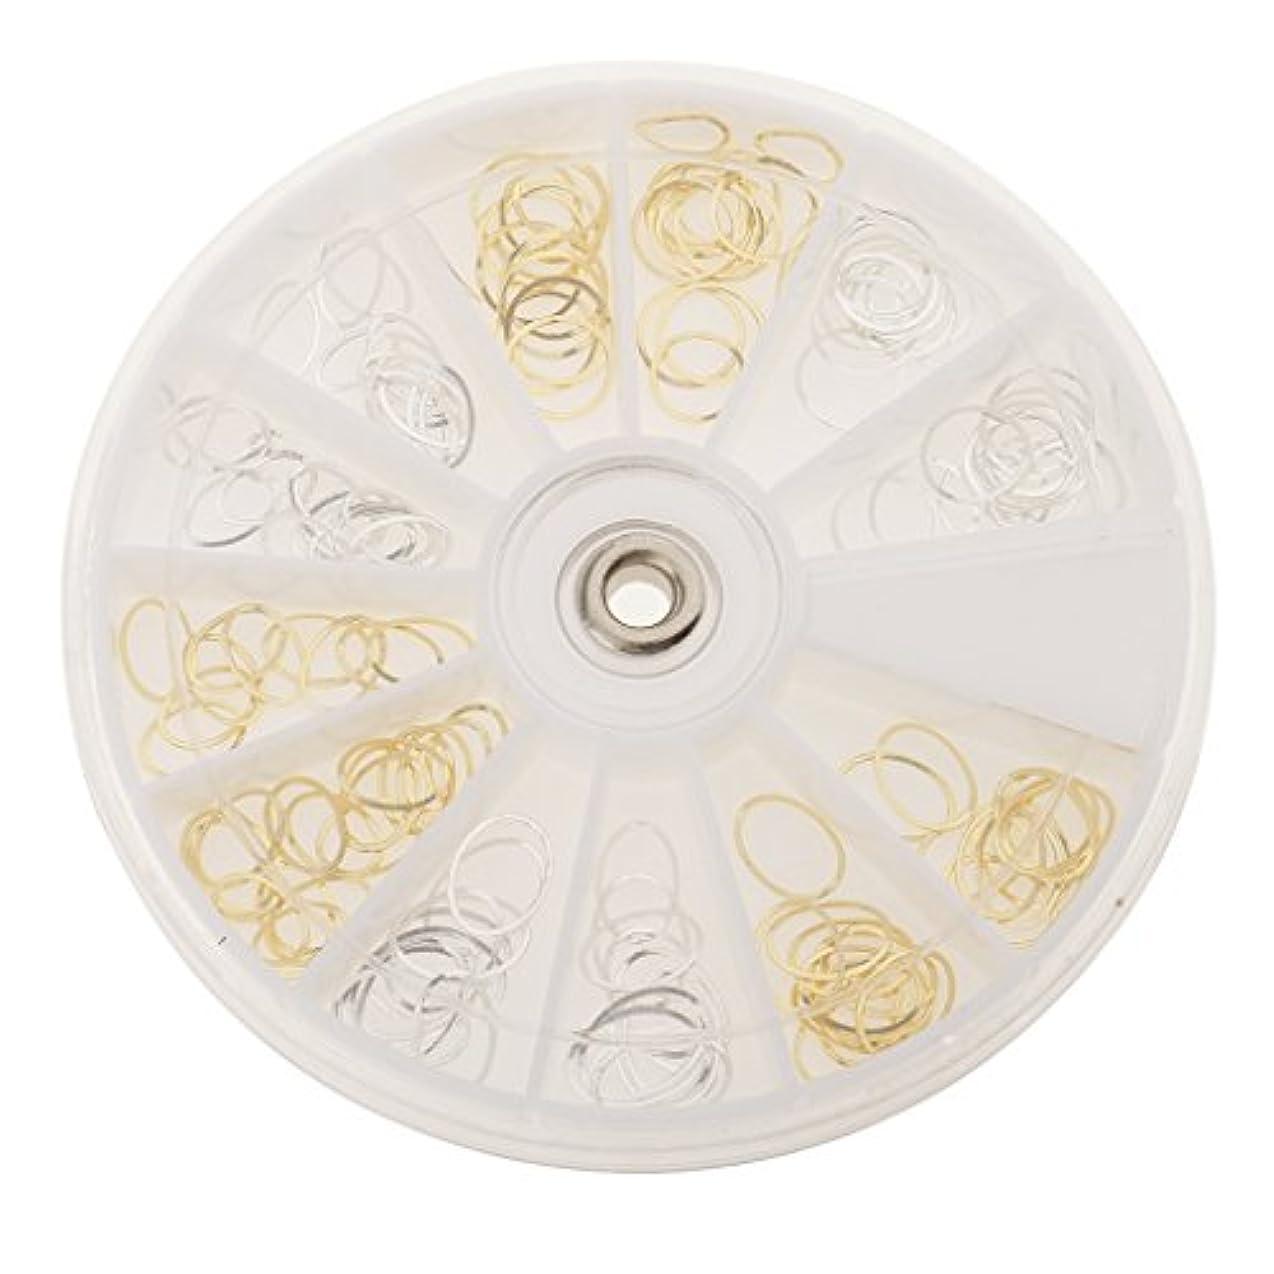 デンマーク付ける発生するDYNWAVE ロット3dゴールドシルバーデカールステッカーホイールラウンドマニキュアの装飾ネイルアートDIY